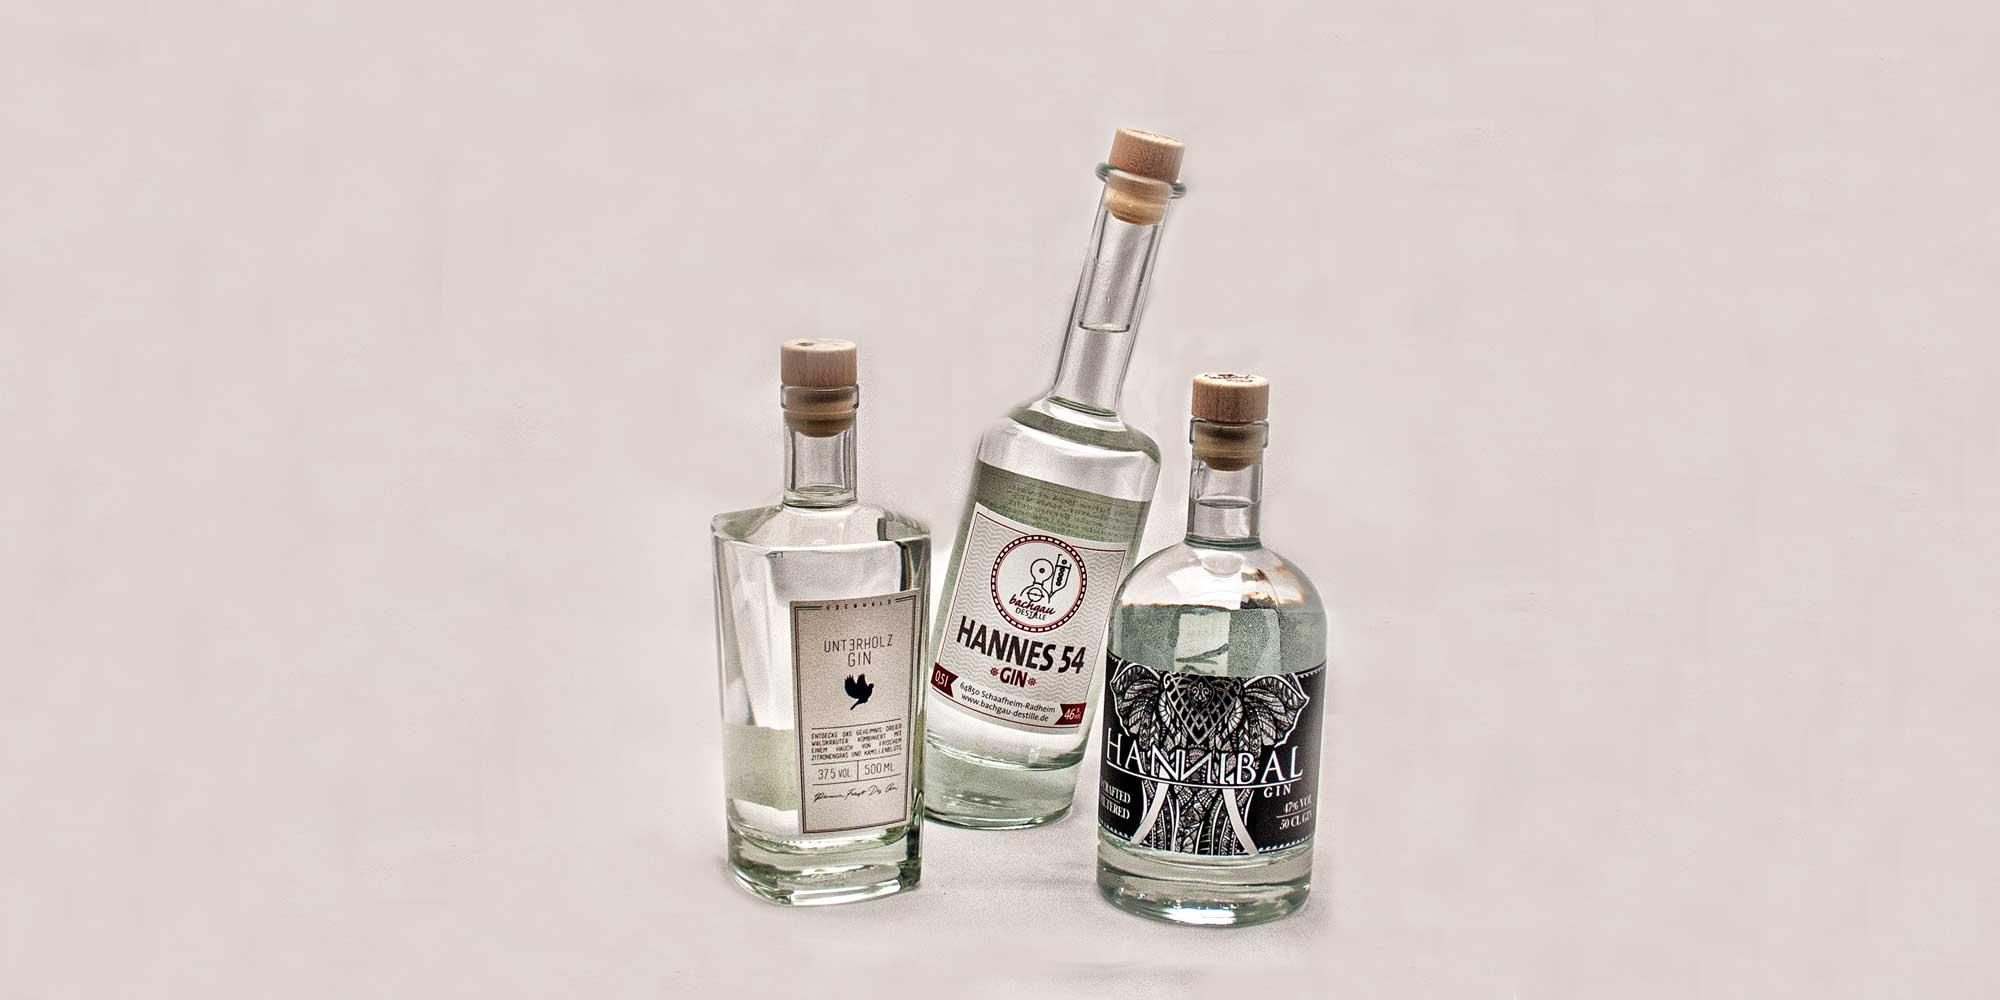 regionale Gin-Marken aus Südhessen: Unterholz , Hannes 54, Hannibal